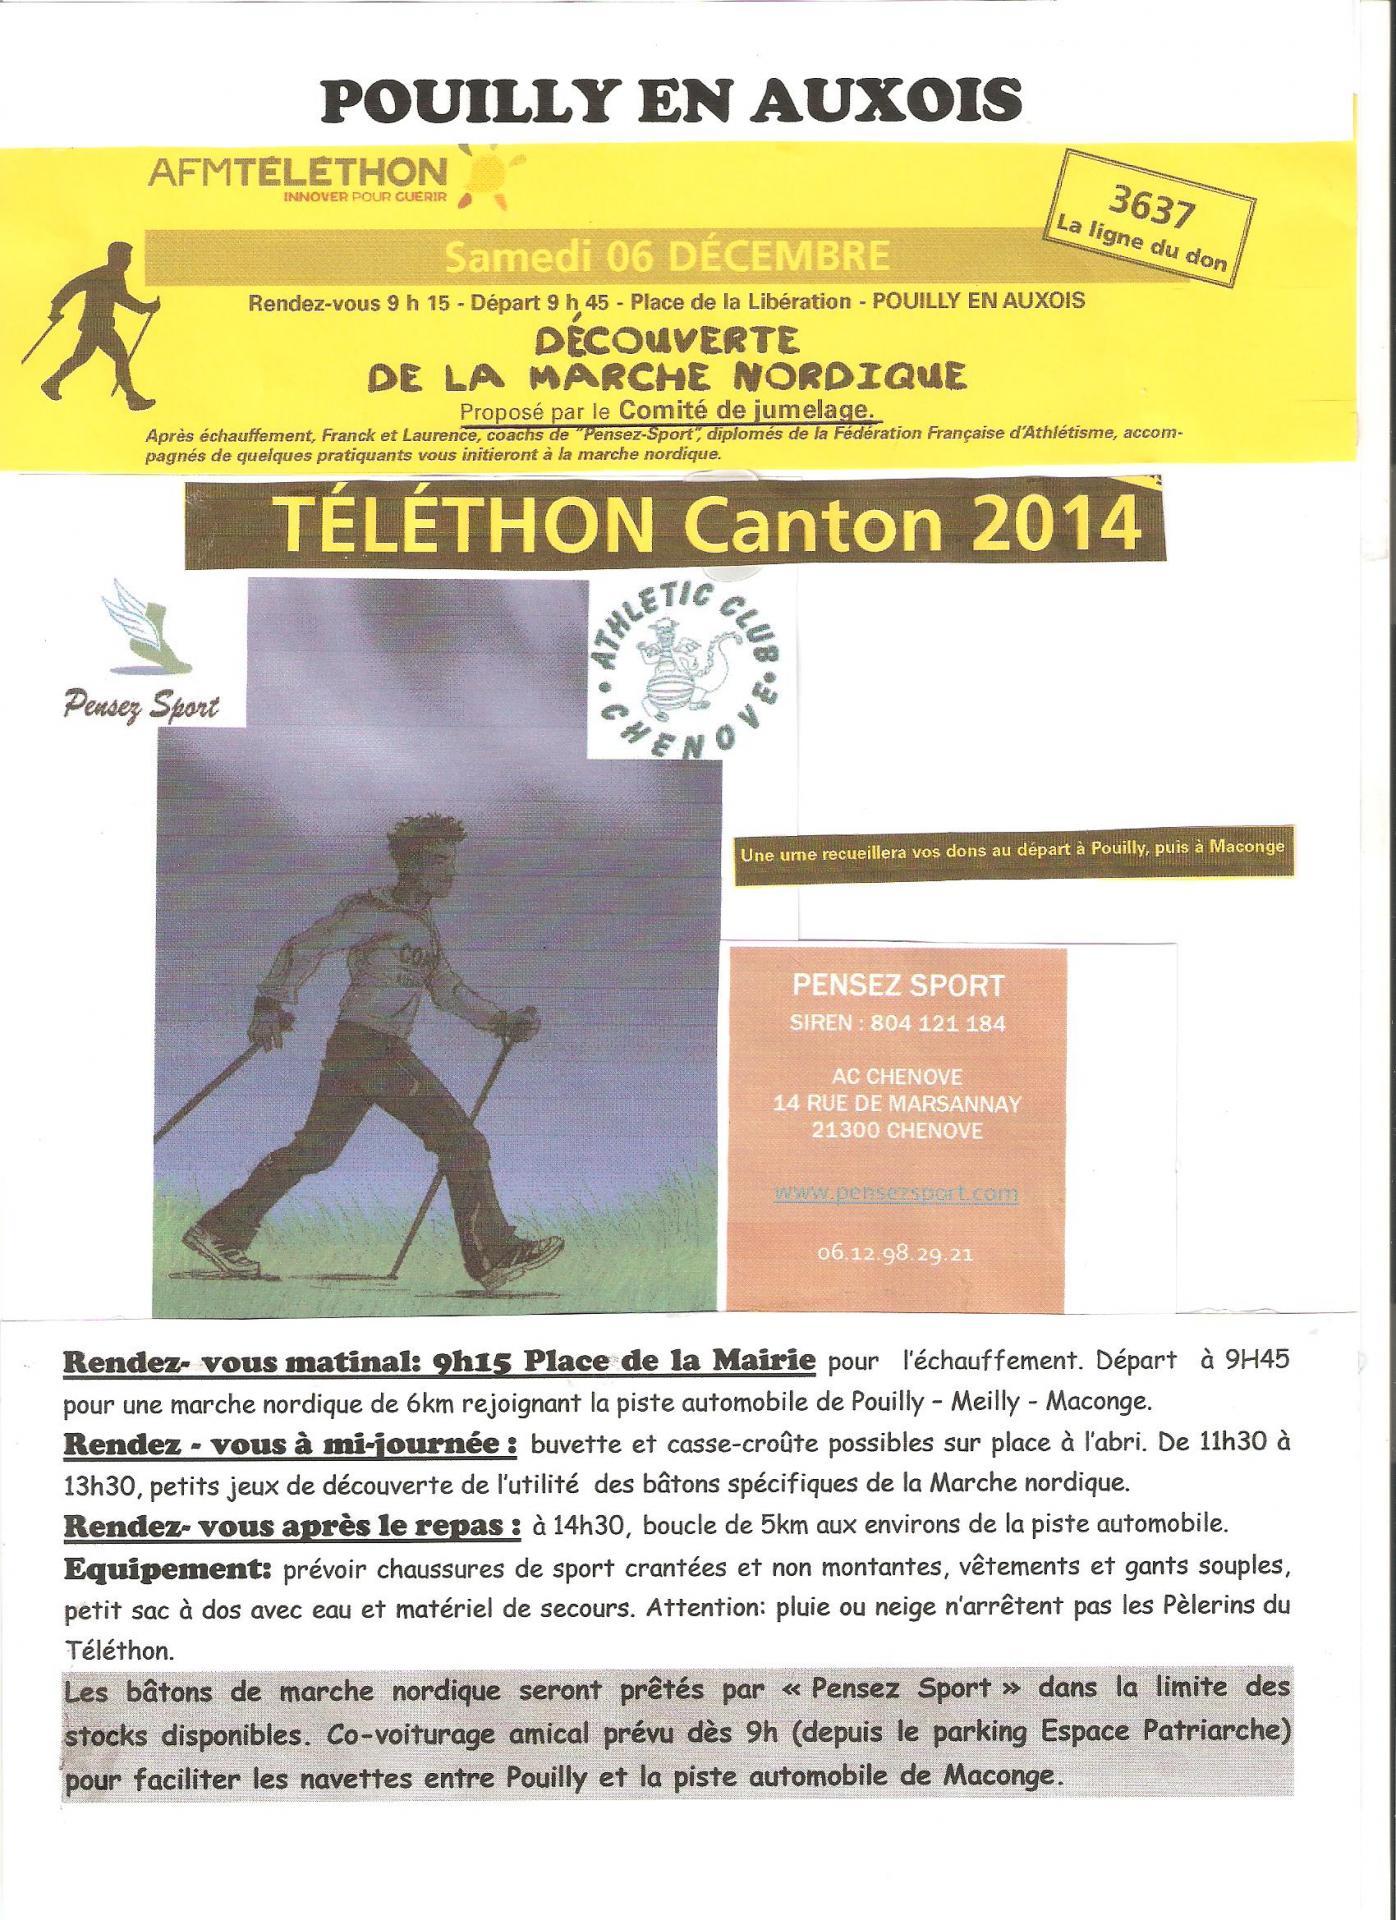 Affiche marche nordique telethon 2014 001